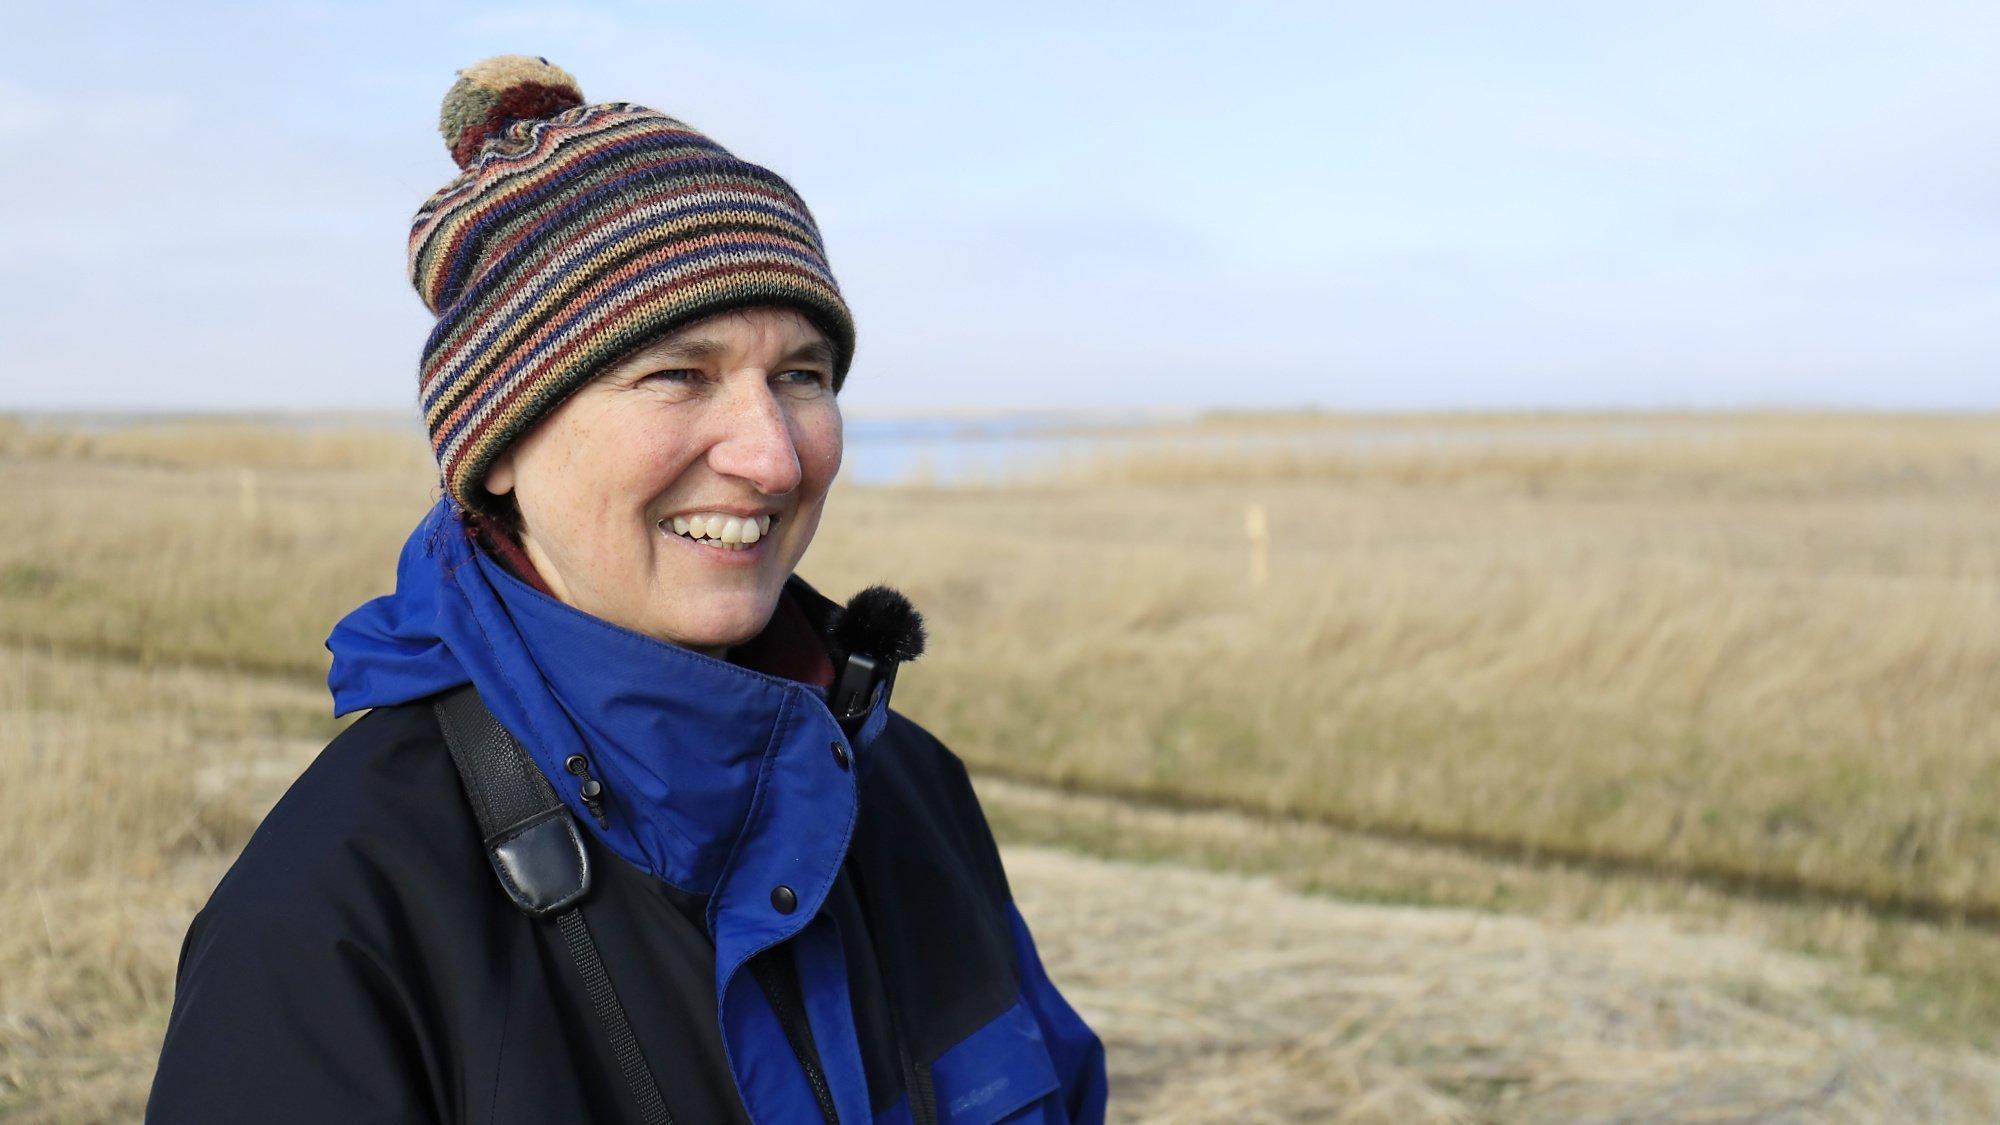 Barbara Ganter steht in blau-schwarzer Winterjacke und Mütze vor einer Graslandschaft.